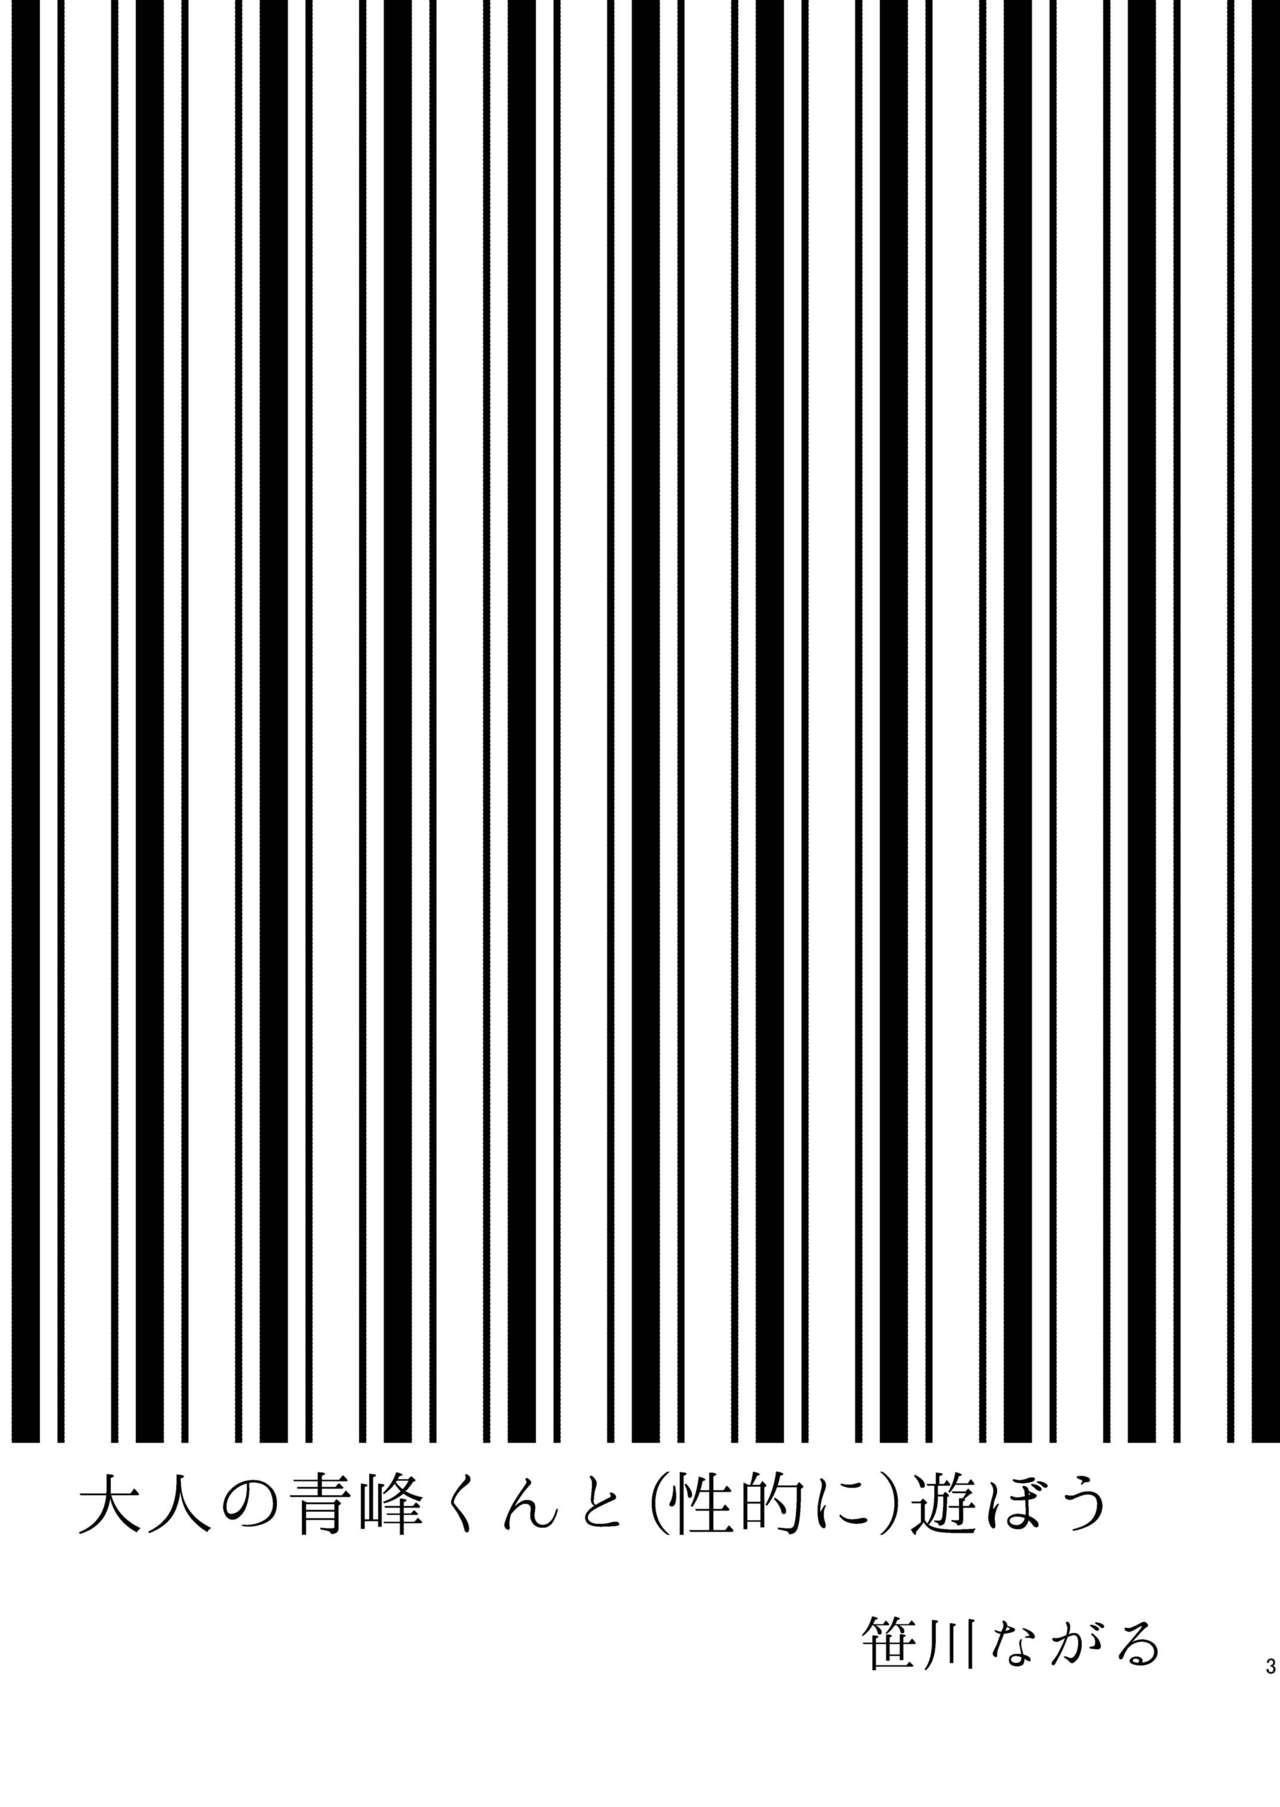 [archea (Sasagawa Nagaru)] Otona no Aomine-kun to (Seiteki ni) Asobou (Kuroko no Basuke) [Digital] 1